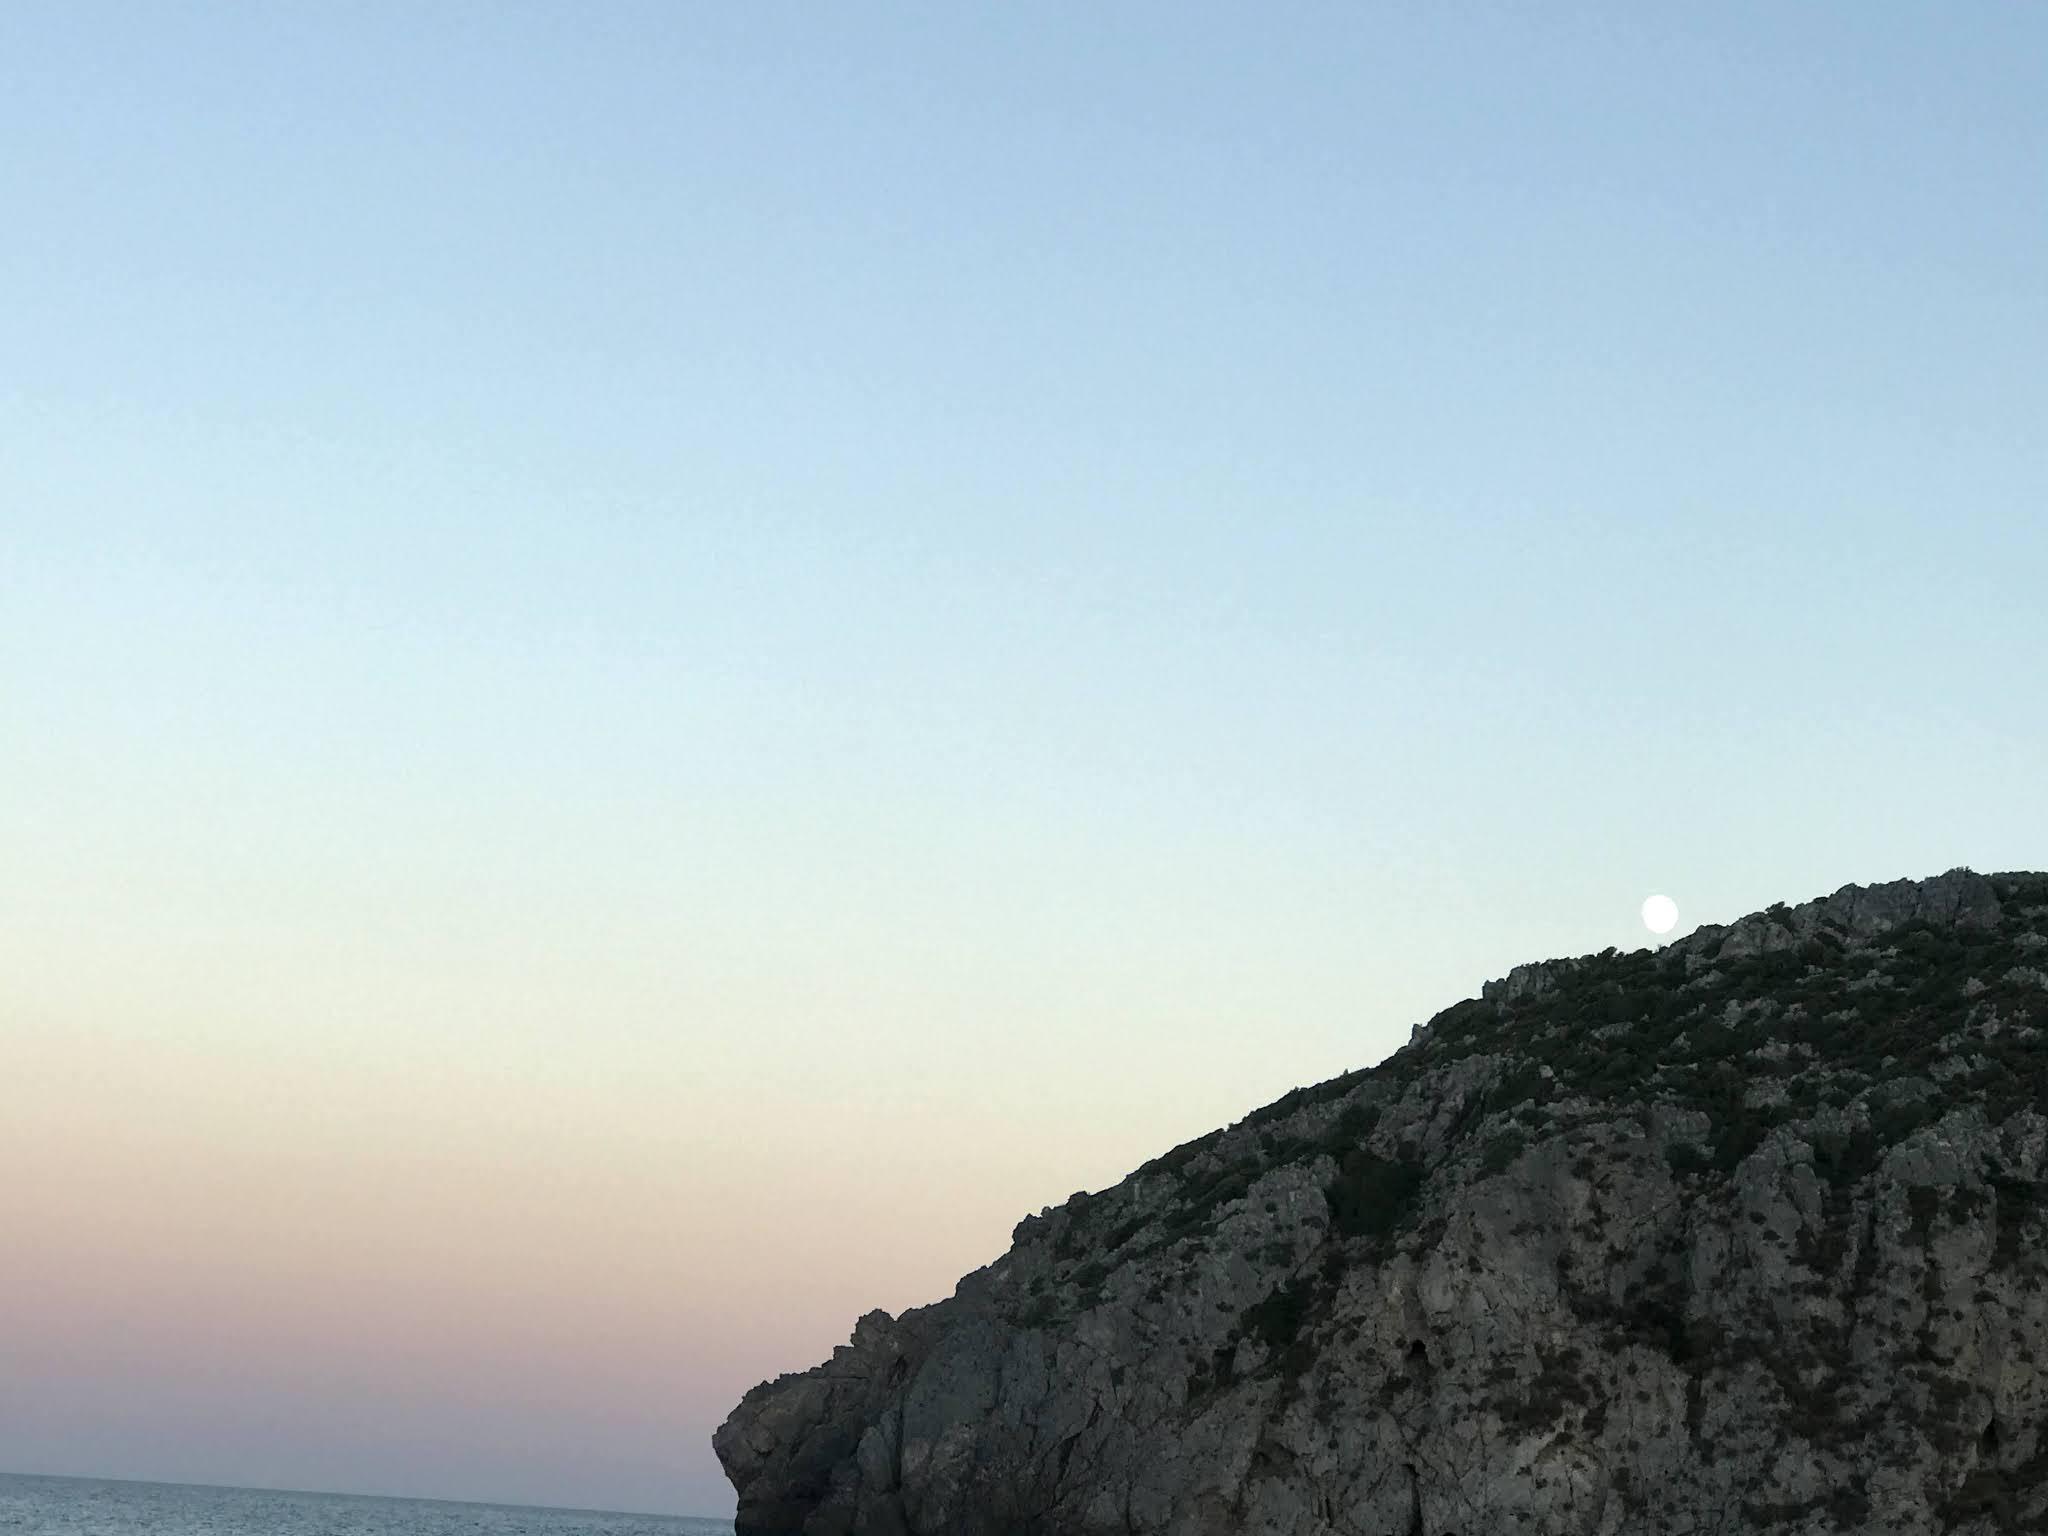 Η παραλία του Αγίου Μερκουρίου βρίσκεται στον ομώνυμο οικισμό της τοπικής κοινότητας Οκτωνιάς του Δήμου Κύμης – Αλιβερίου. Αποτελεί προέκταση της παραλίας της Μουρτερής και καταλήγει στον βράχο Κεφάλα που δίνει και το όνομα του στο δεξί άκρο της παραλίας. Ο βράχος με τα χαρακτηριστικά ανθρώπινου προσώπου (ξεχωρίσουν μάτια, μύτη και στόμα) που κοιτάζει την θάλασσα αποτελεί σημείο αναφοράς στην παραλία.